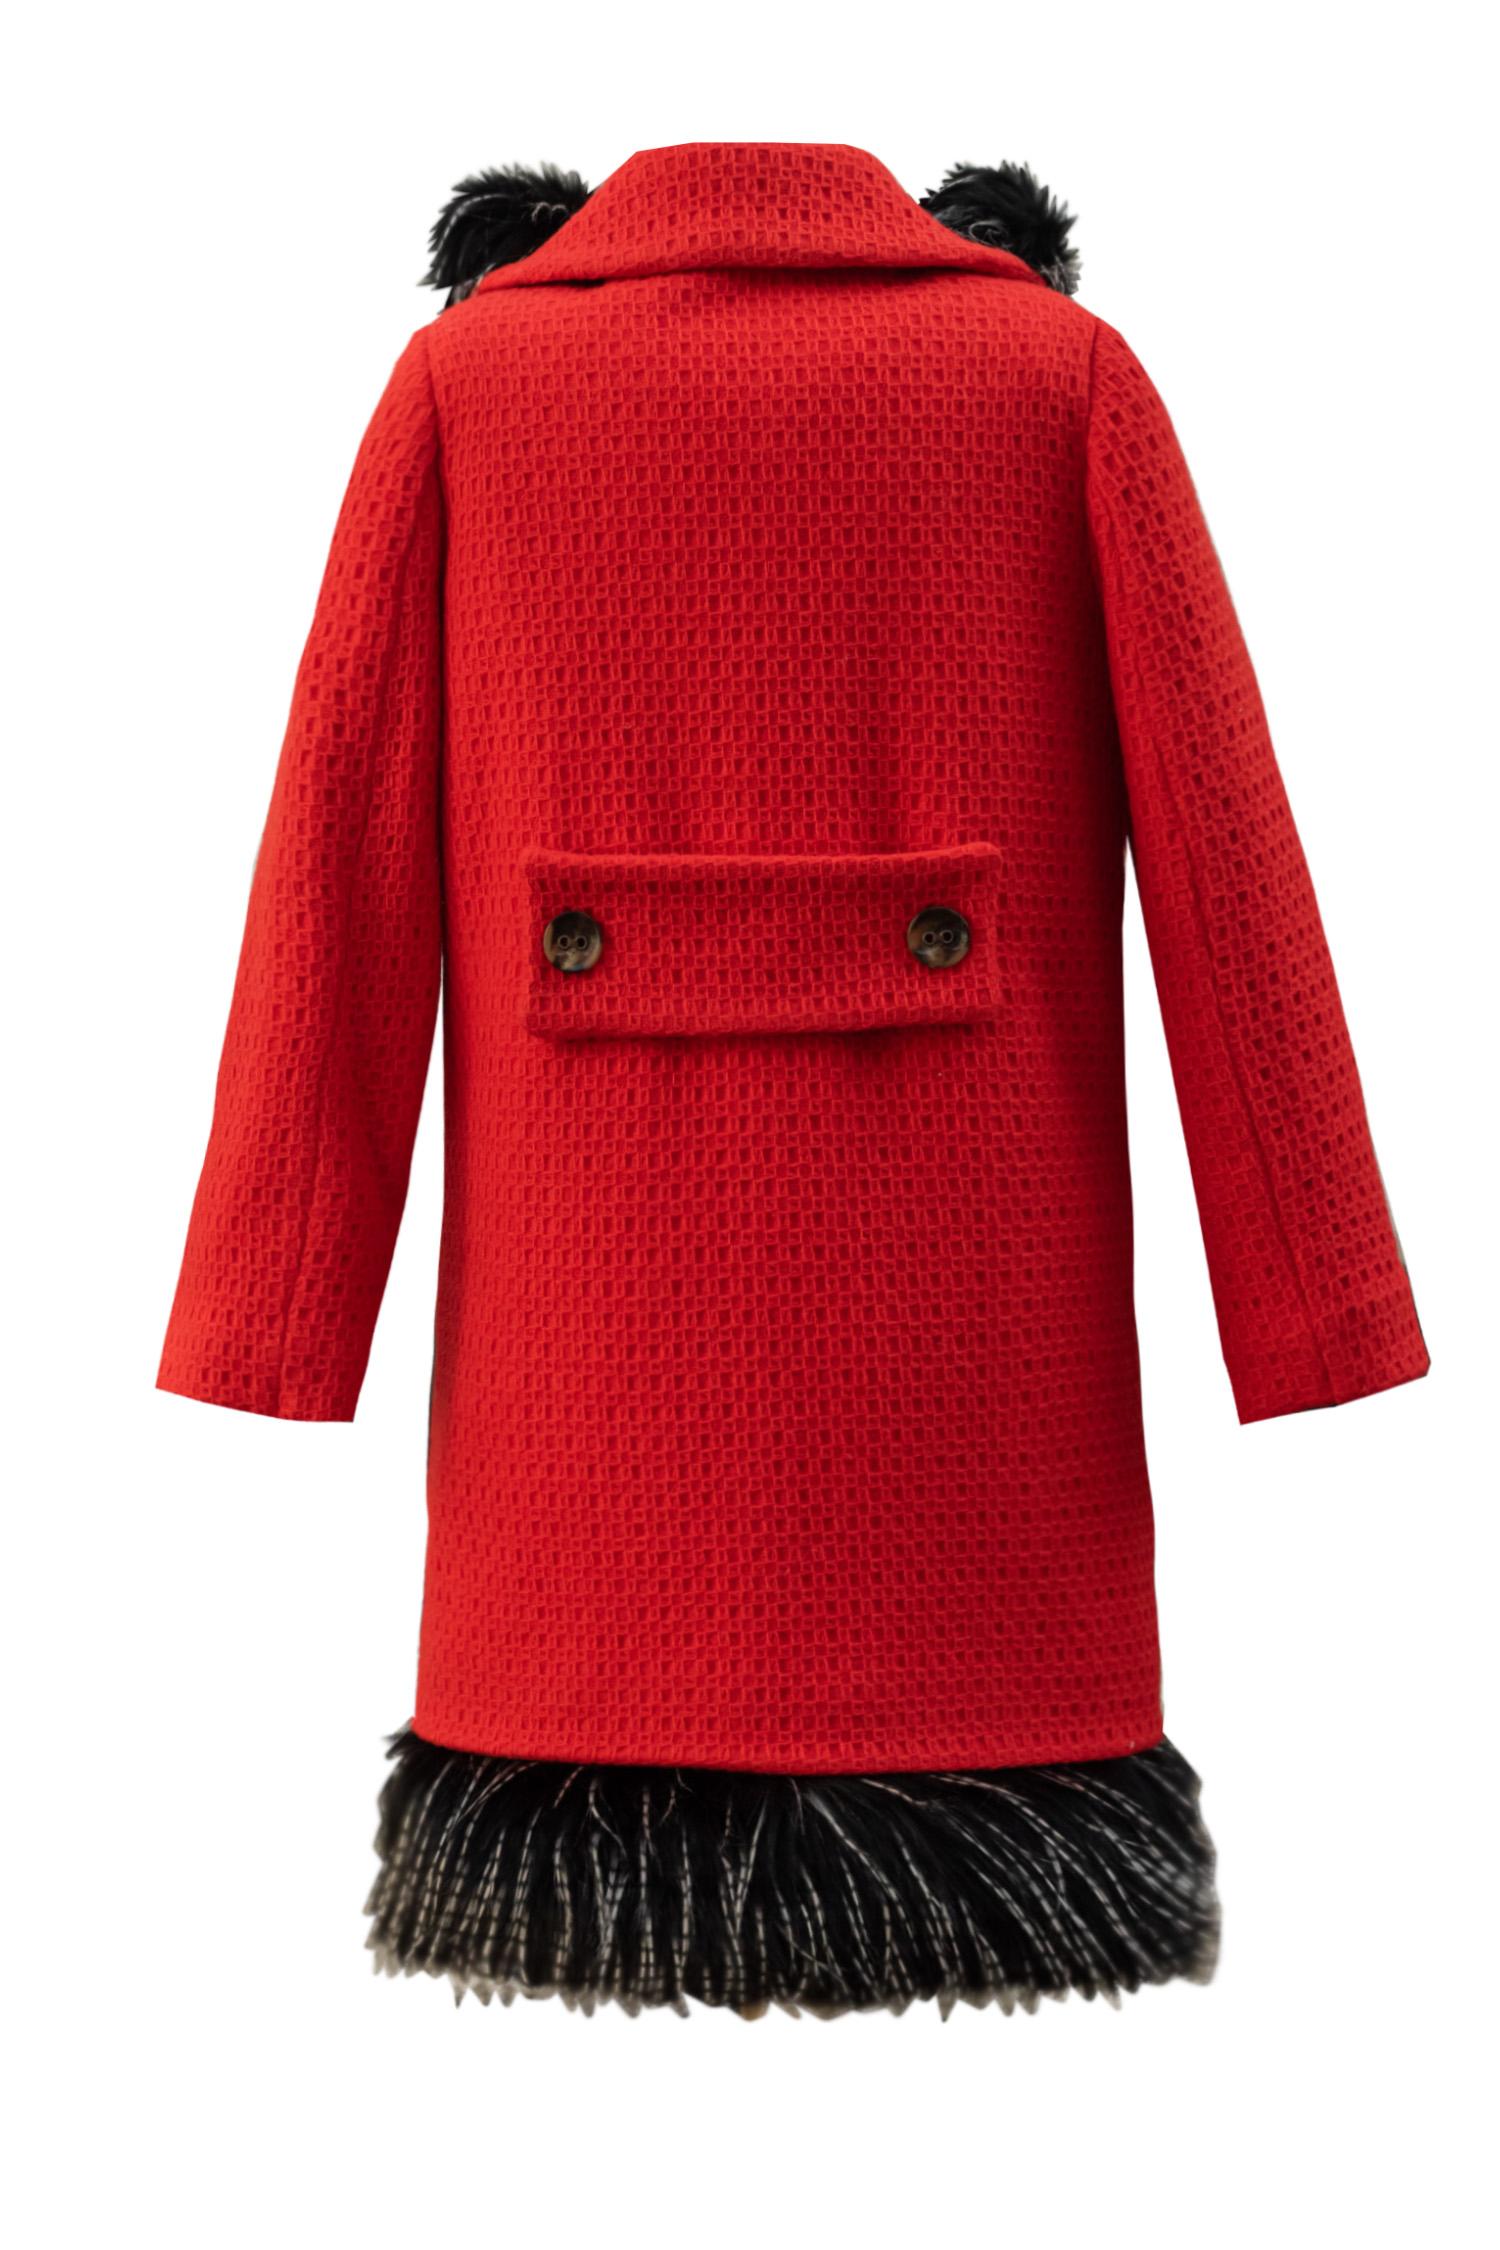 Palton roșu pentru fete Mellie